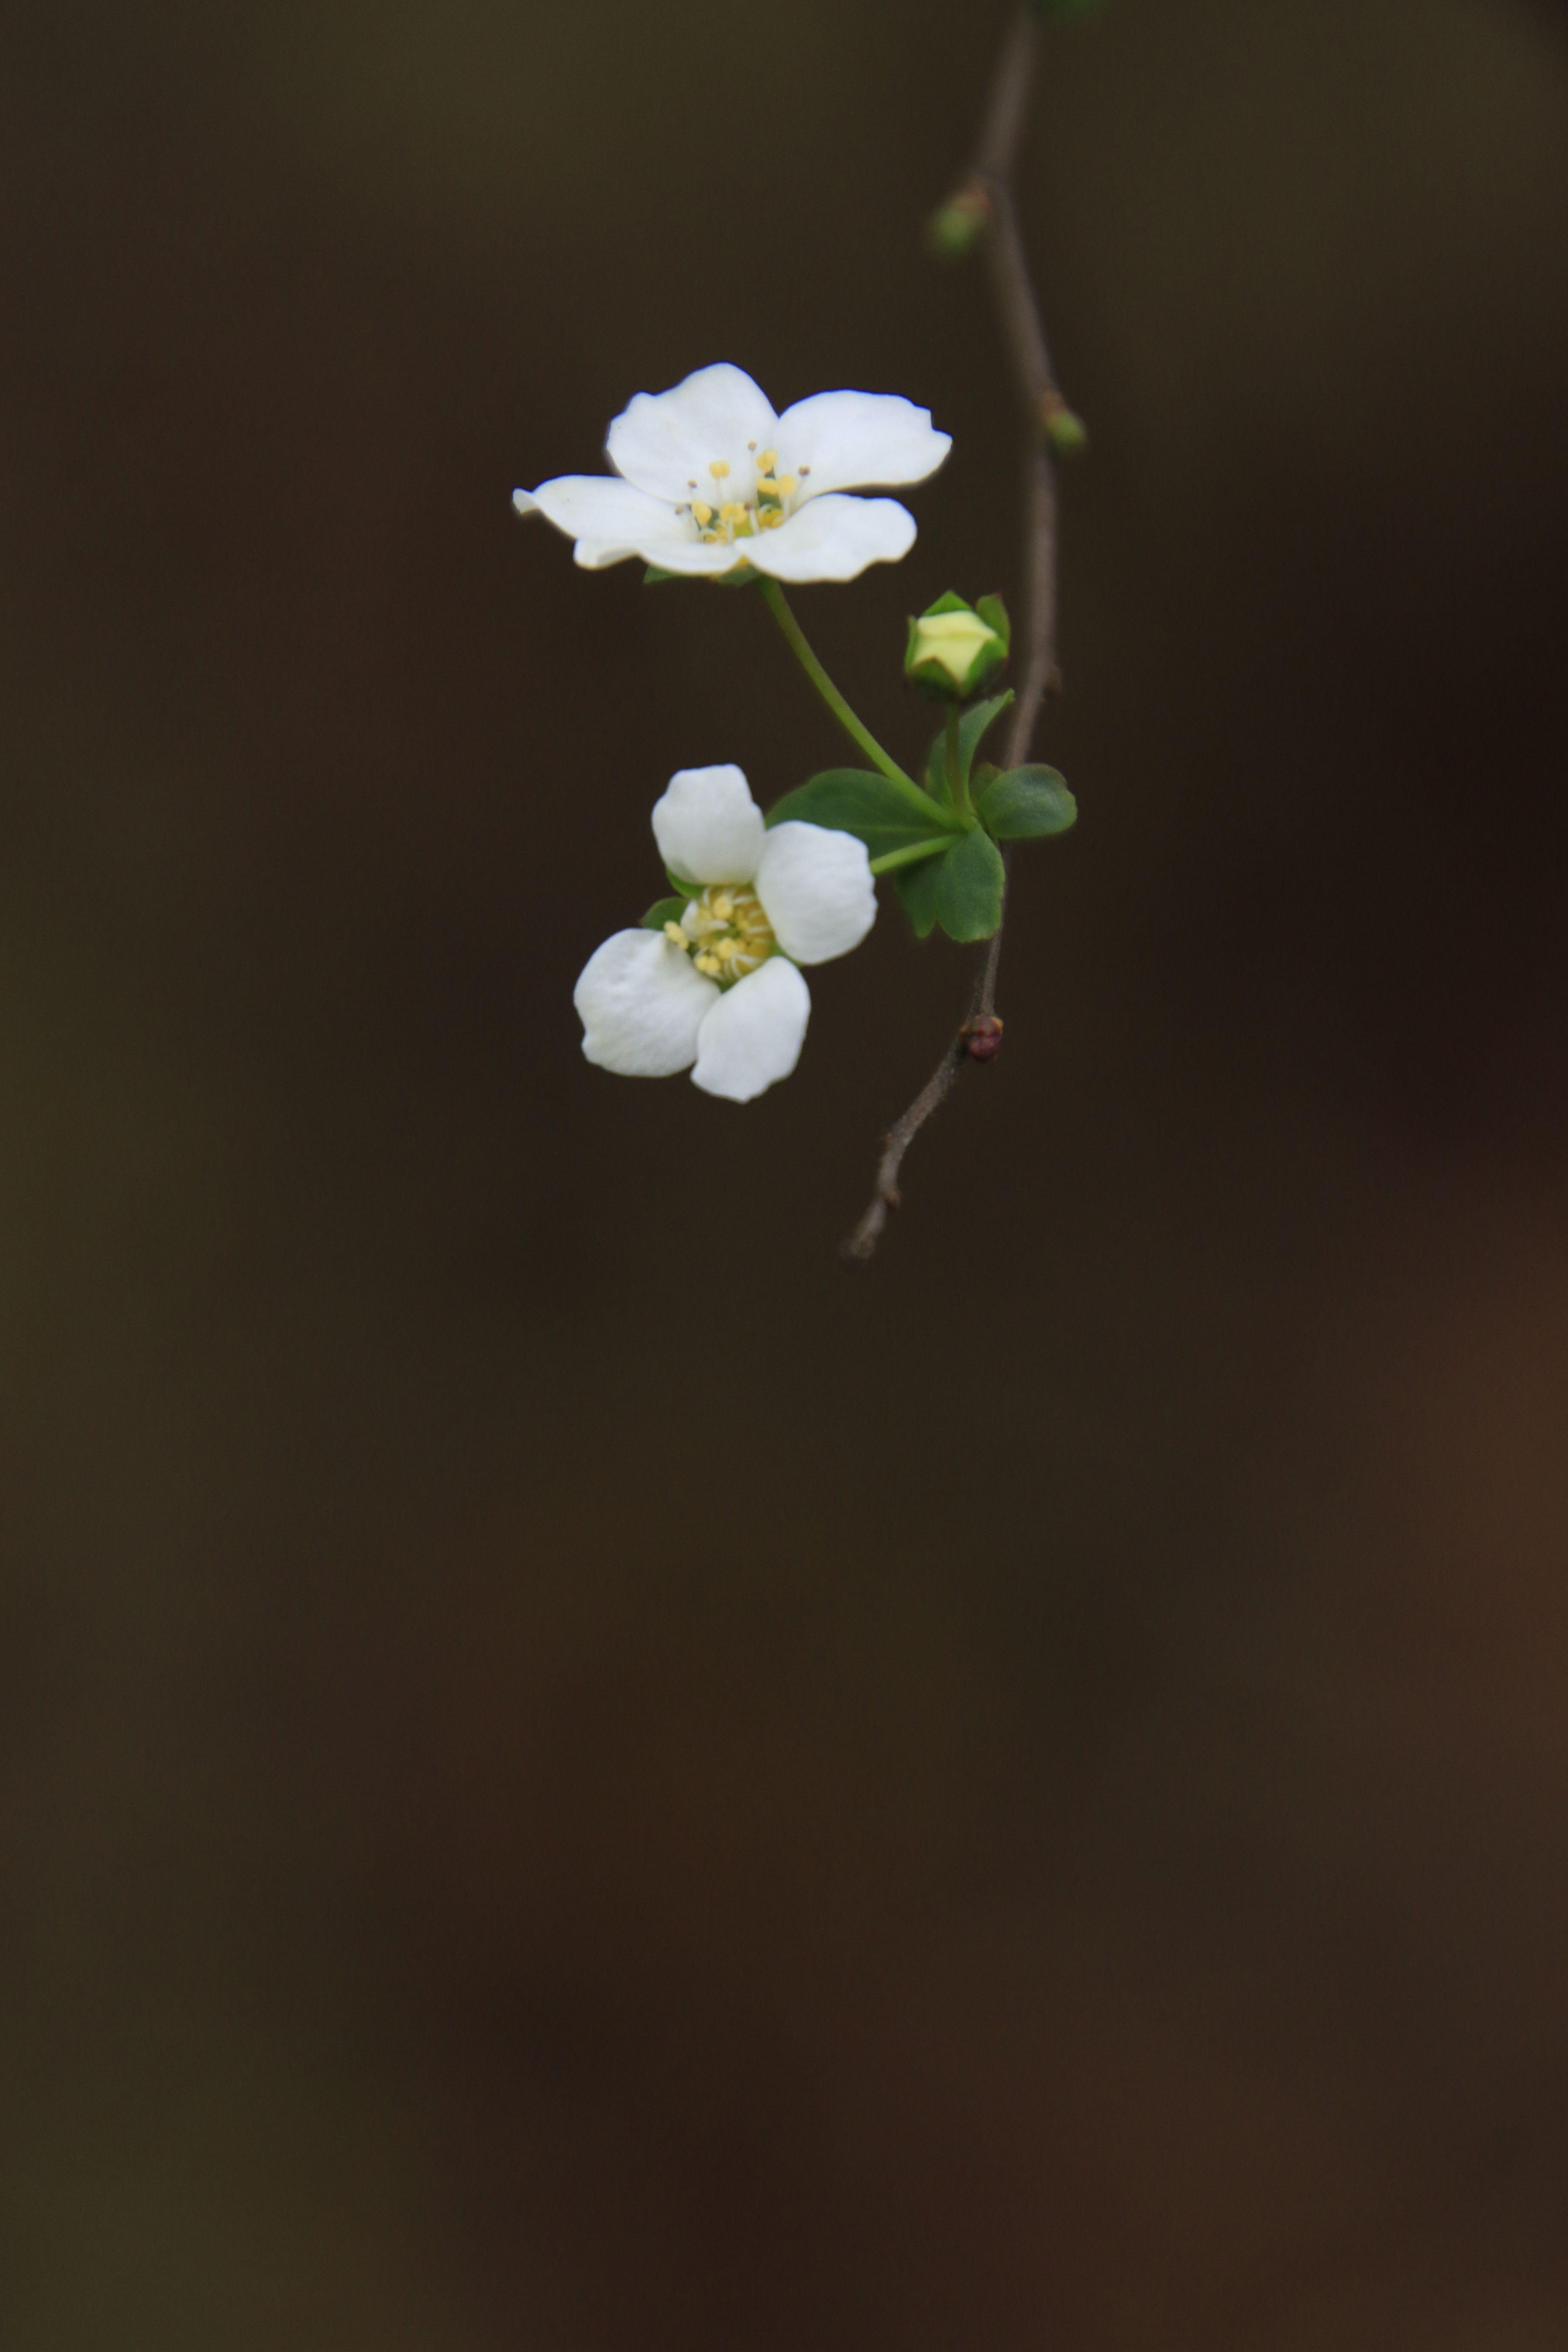 ありがたい ということを吟味していくとは ありがたくない 自分をしっかりみること 池田勇諦 Flowers Photography Trees To Plant Lucky Plant